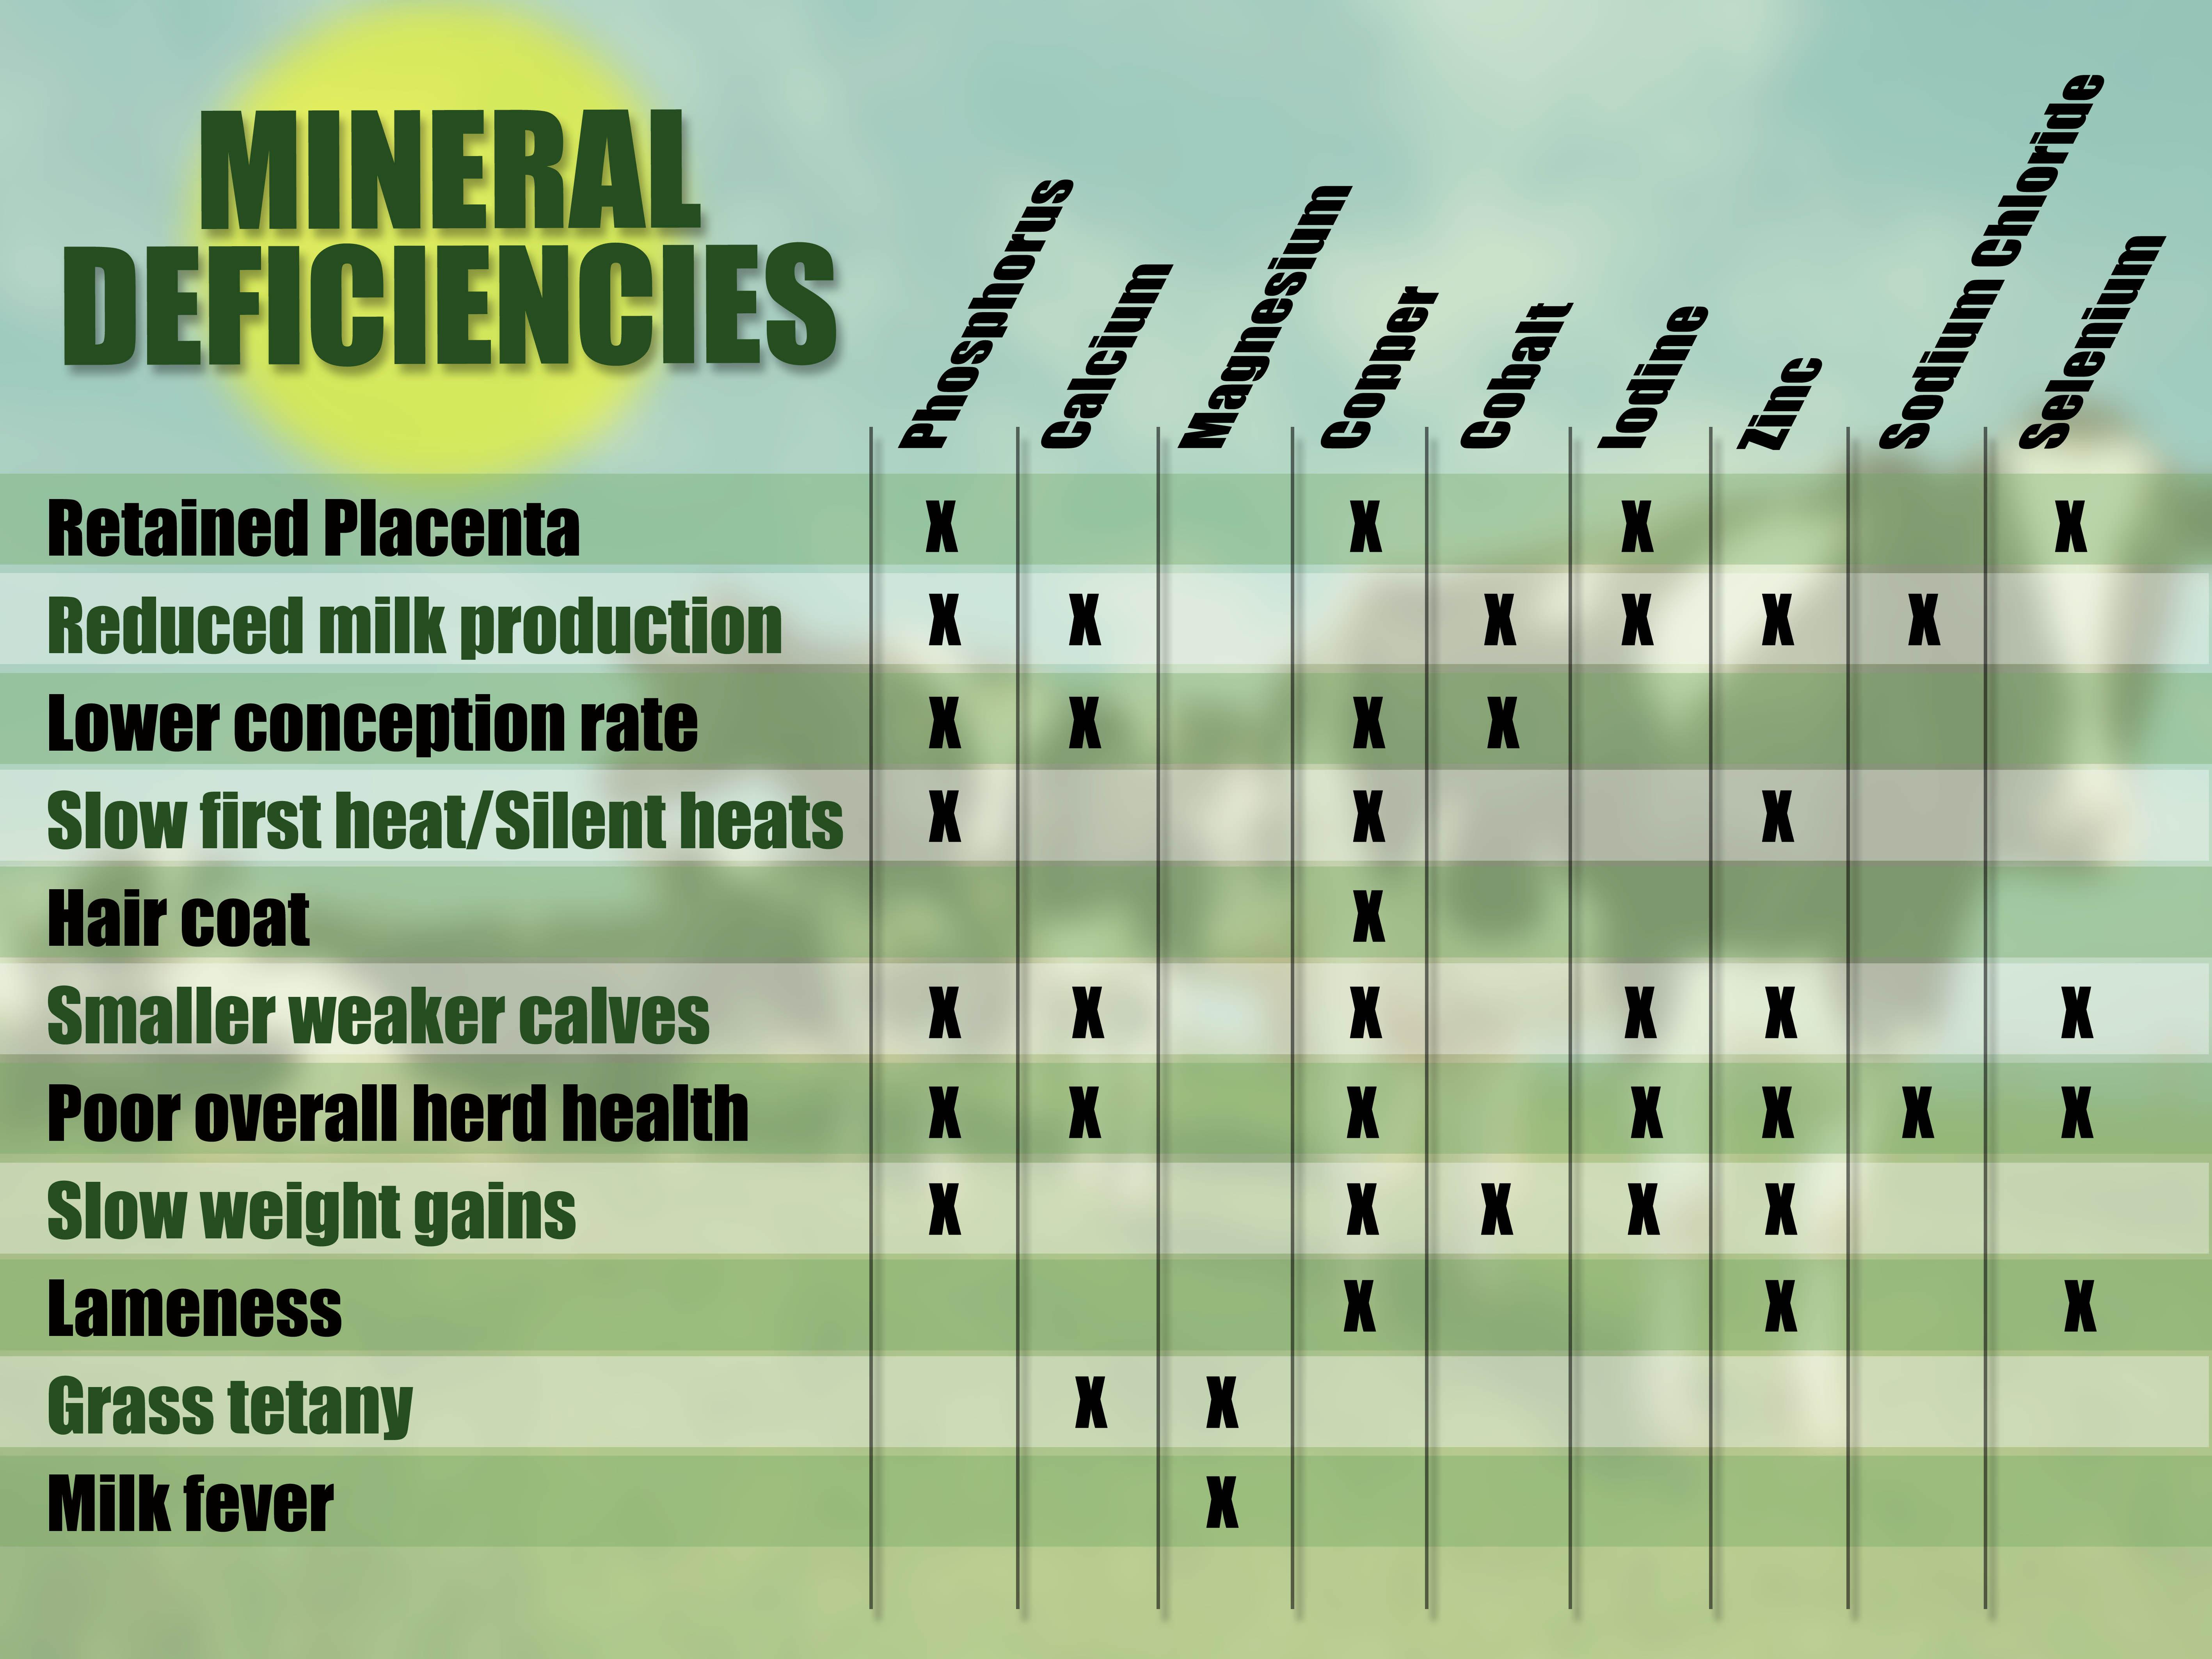 Mineral deficiencies